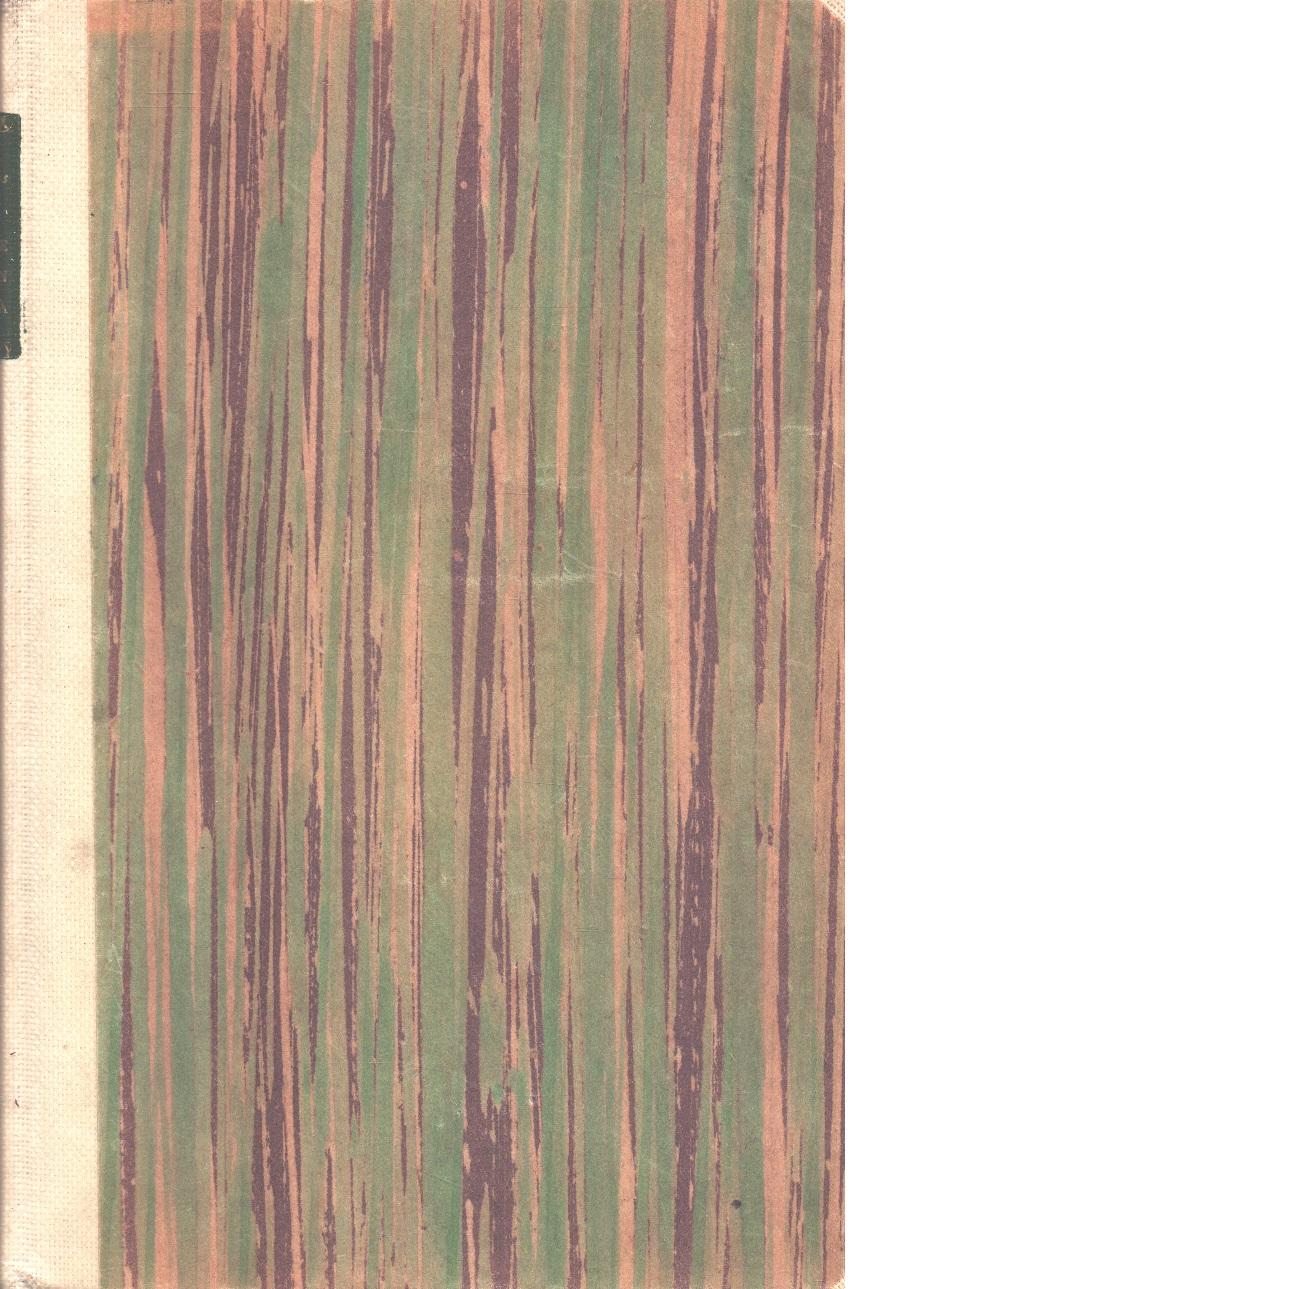 Svenske greven av Alaska : [Georg af Forselles] : guldgrävarrliv i Nome, Candle och Fairbanks - Höijer, Arvid Och Forselles, Georg Af